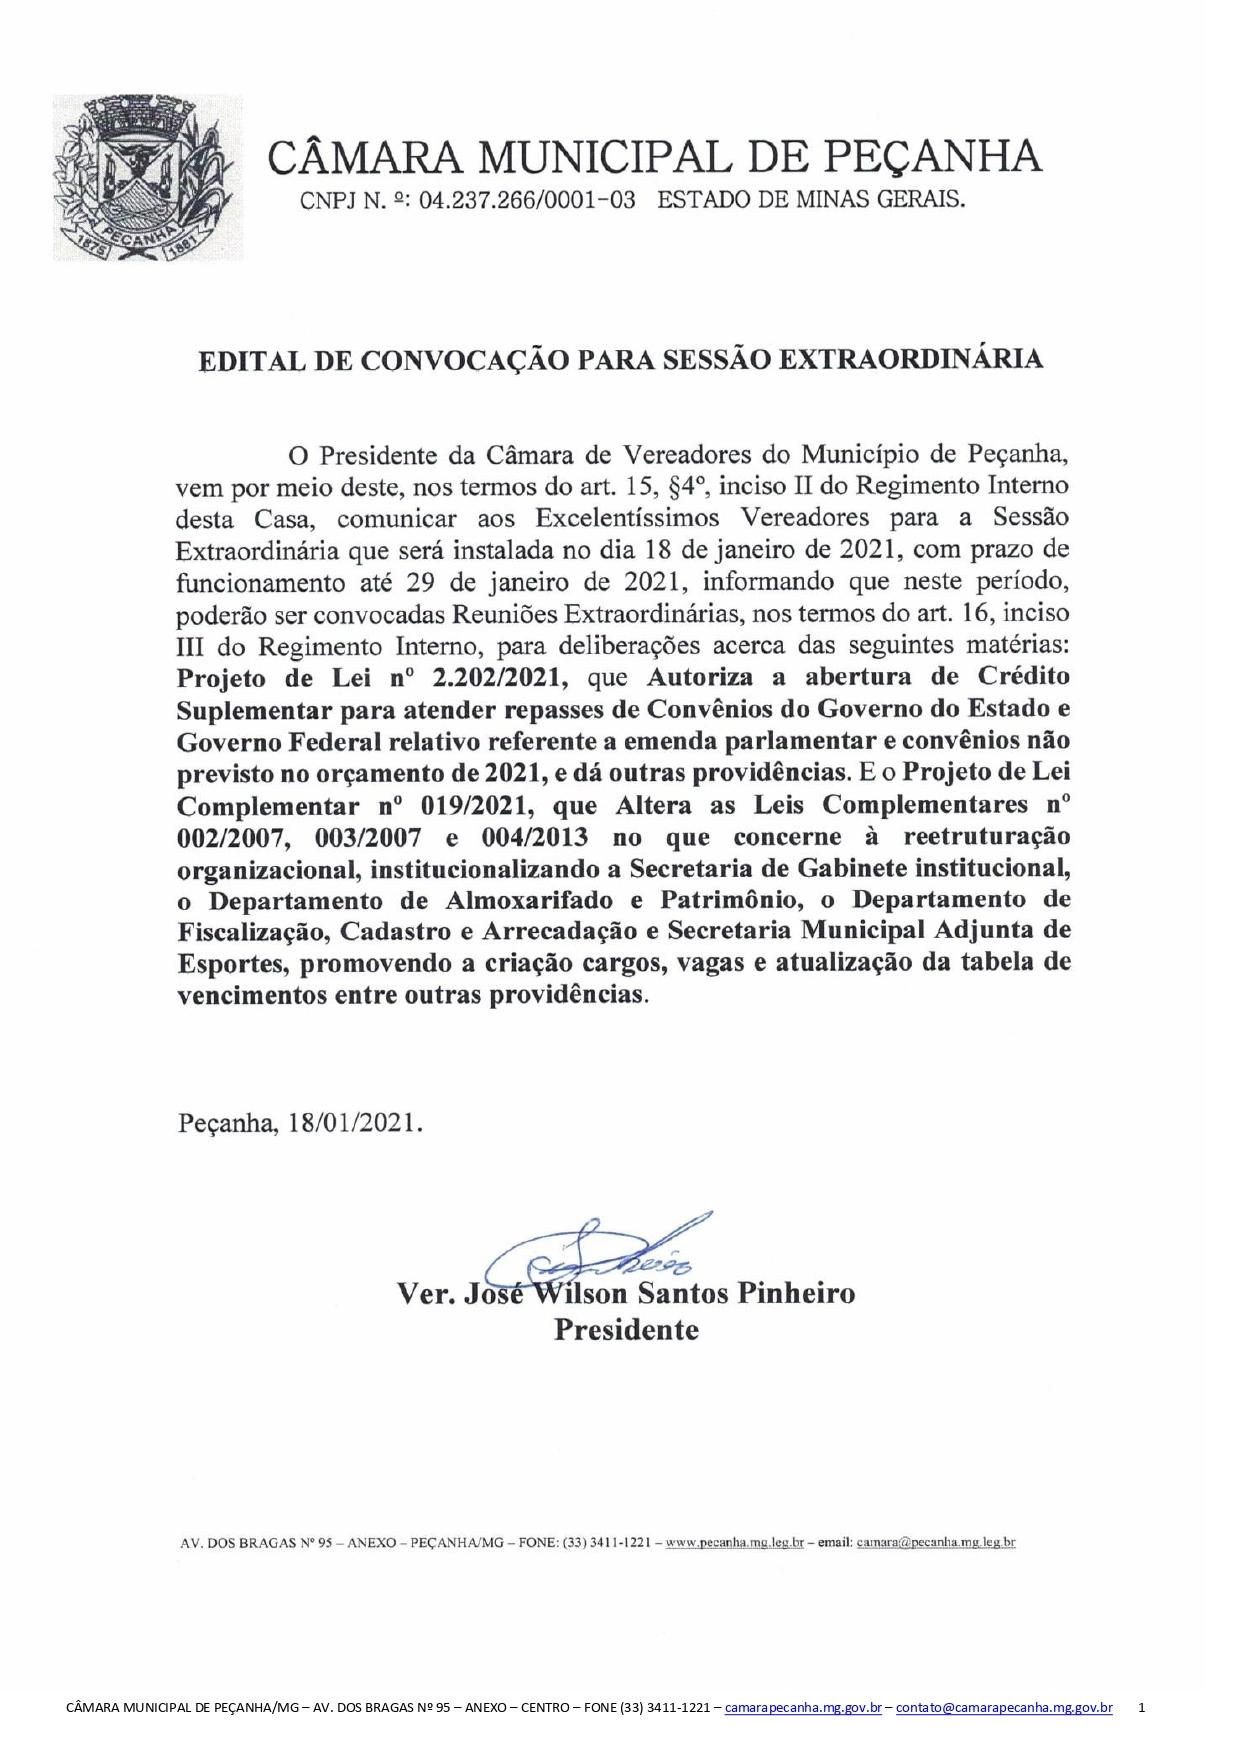 EDITAL DE CONVOCAÇÃO PARA SESSÃO EXTRAORDINÁRIA 18/0...